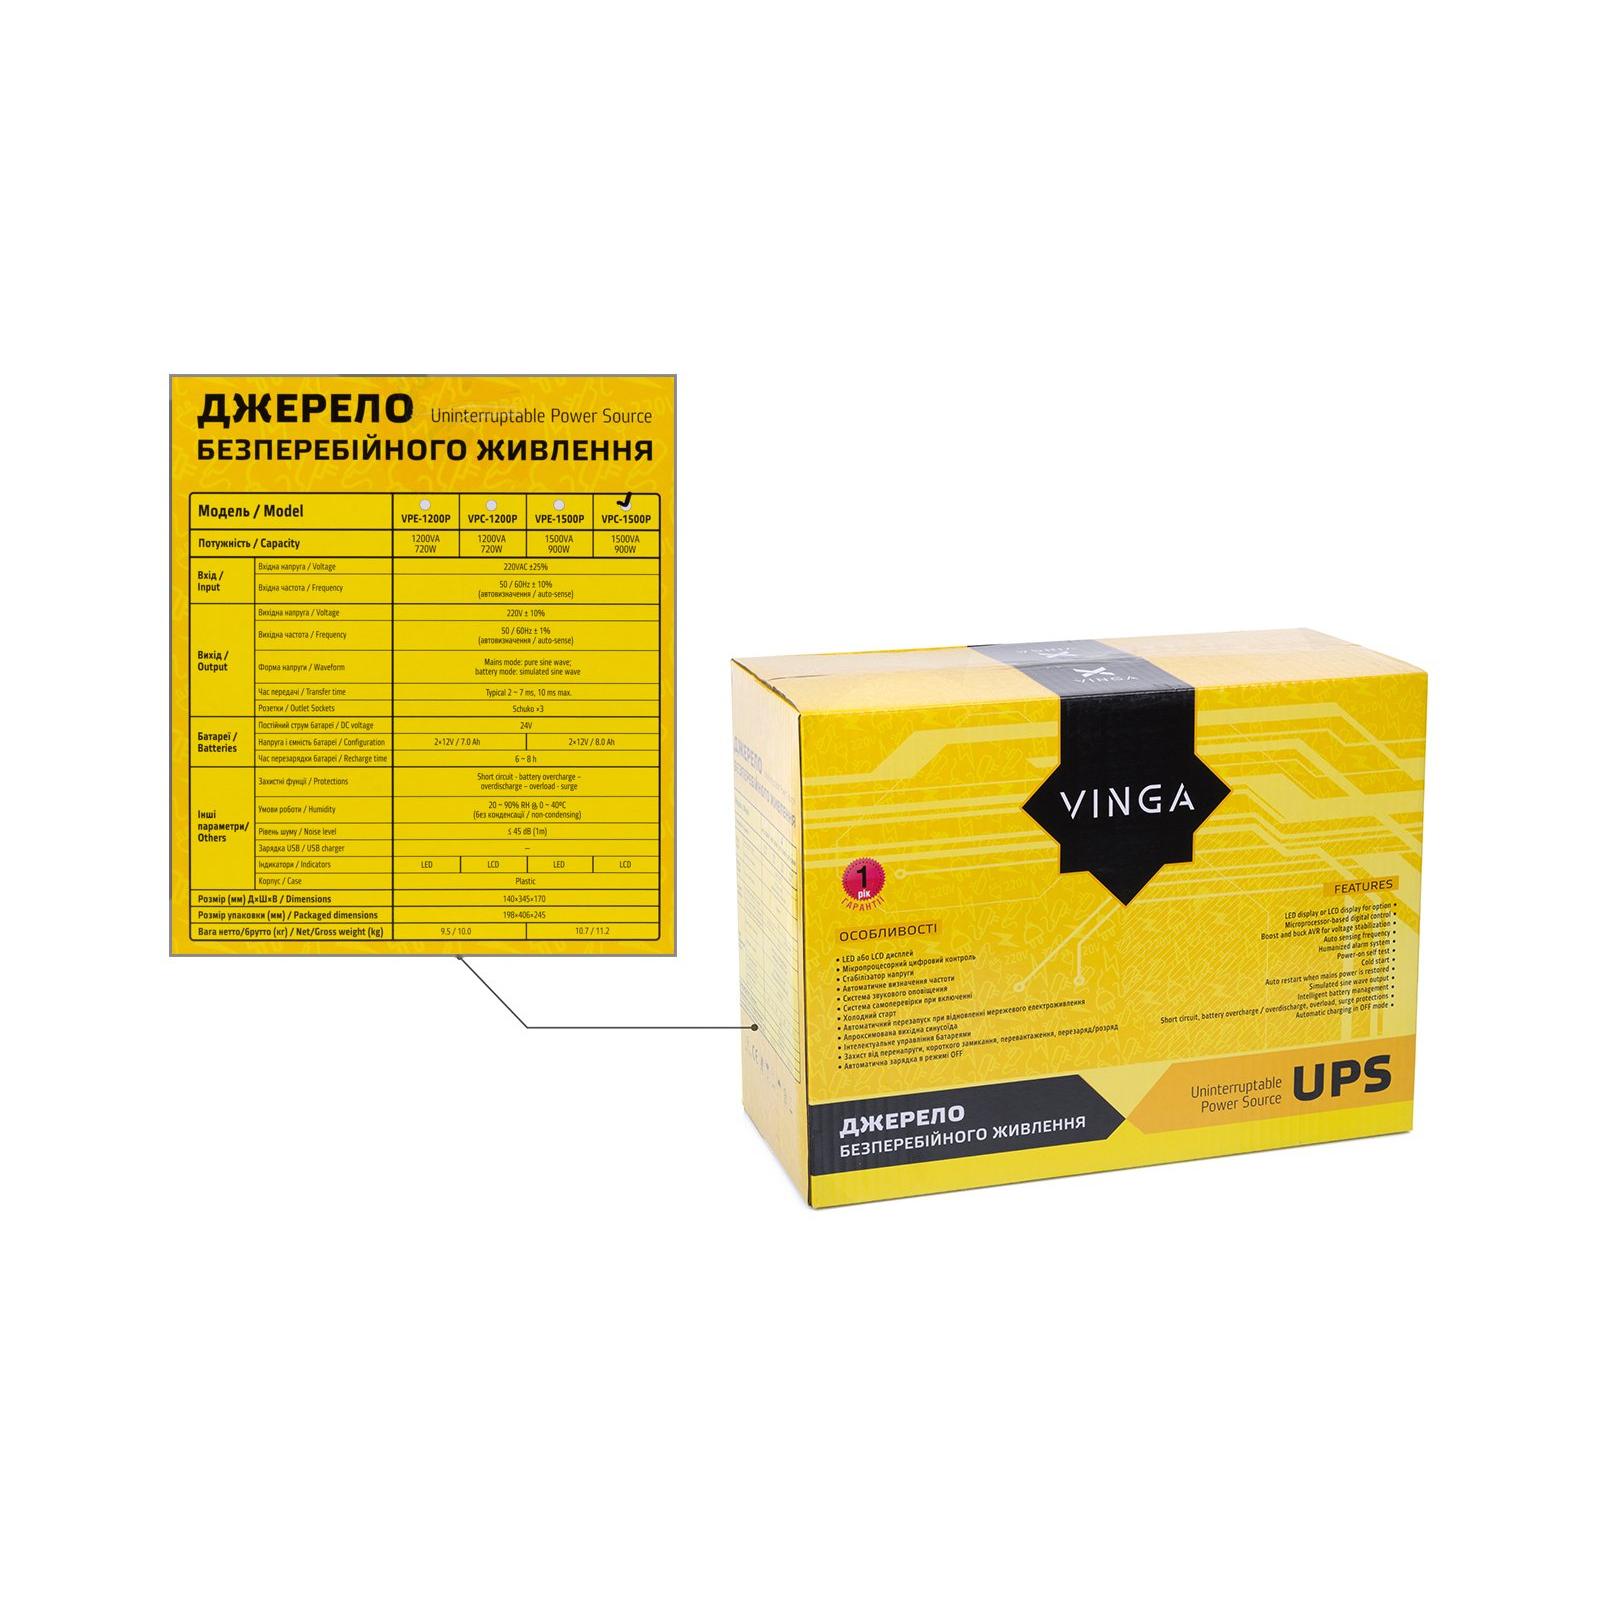 Источник бесперебойного питания Vinga LCD 1200VA plastic case (VPC-1200P) изображение 12